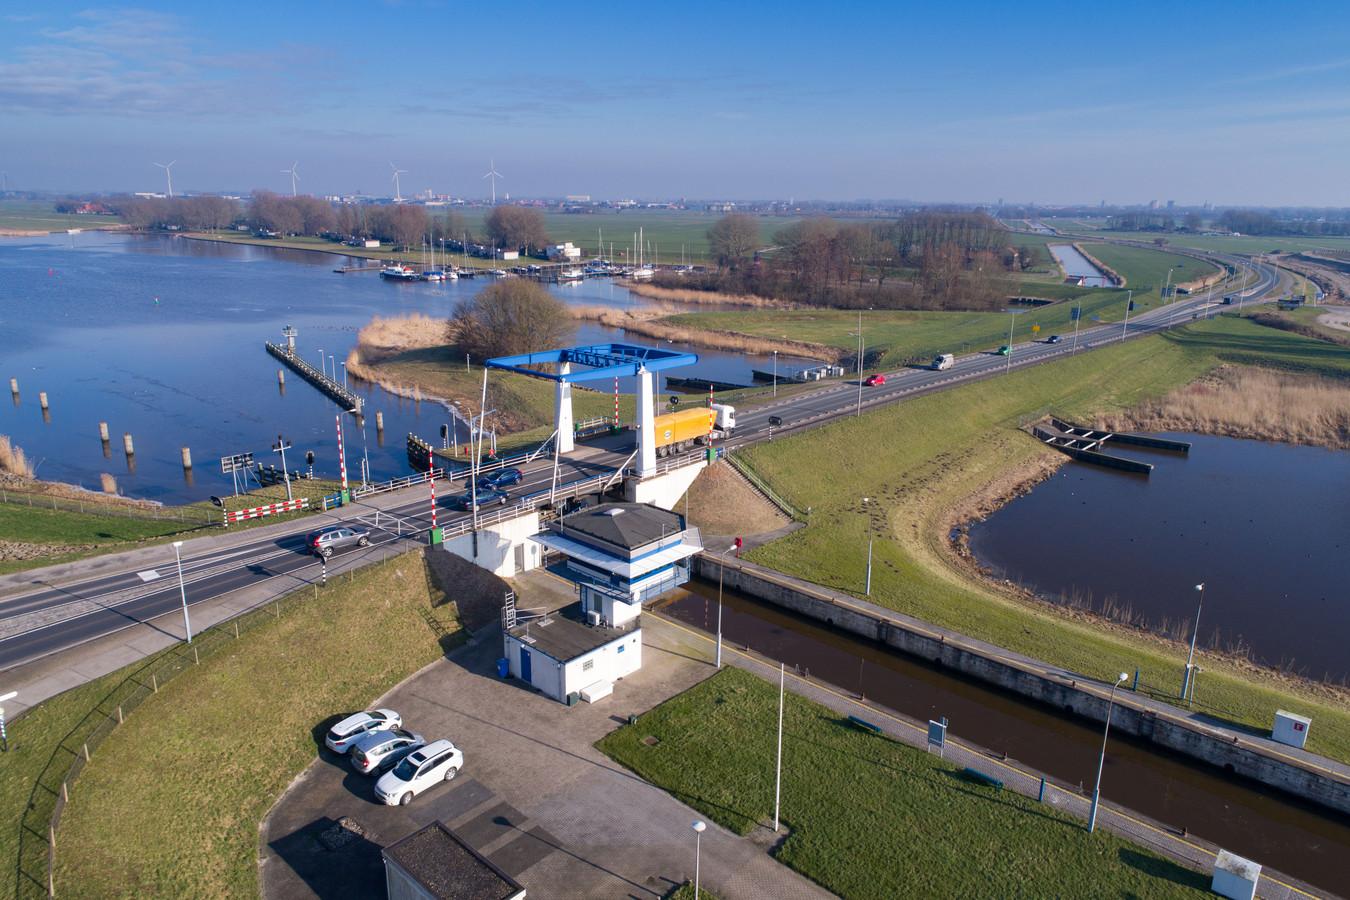 De Roggebotsluis tussen Kampen en Dronten, die wordt gesloopt.